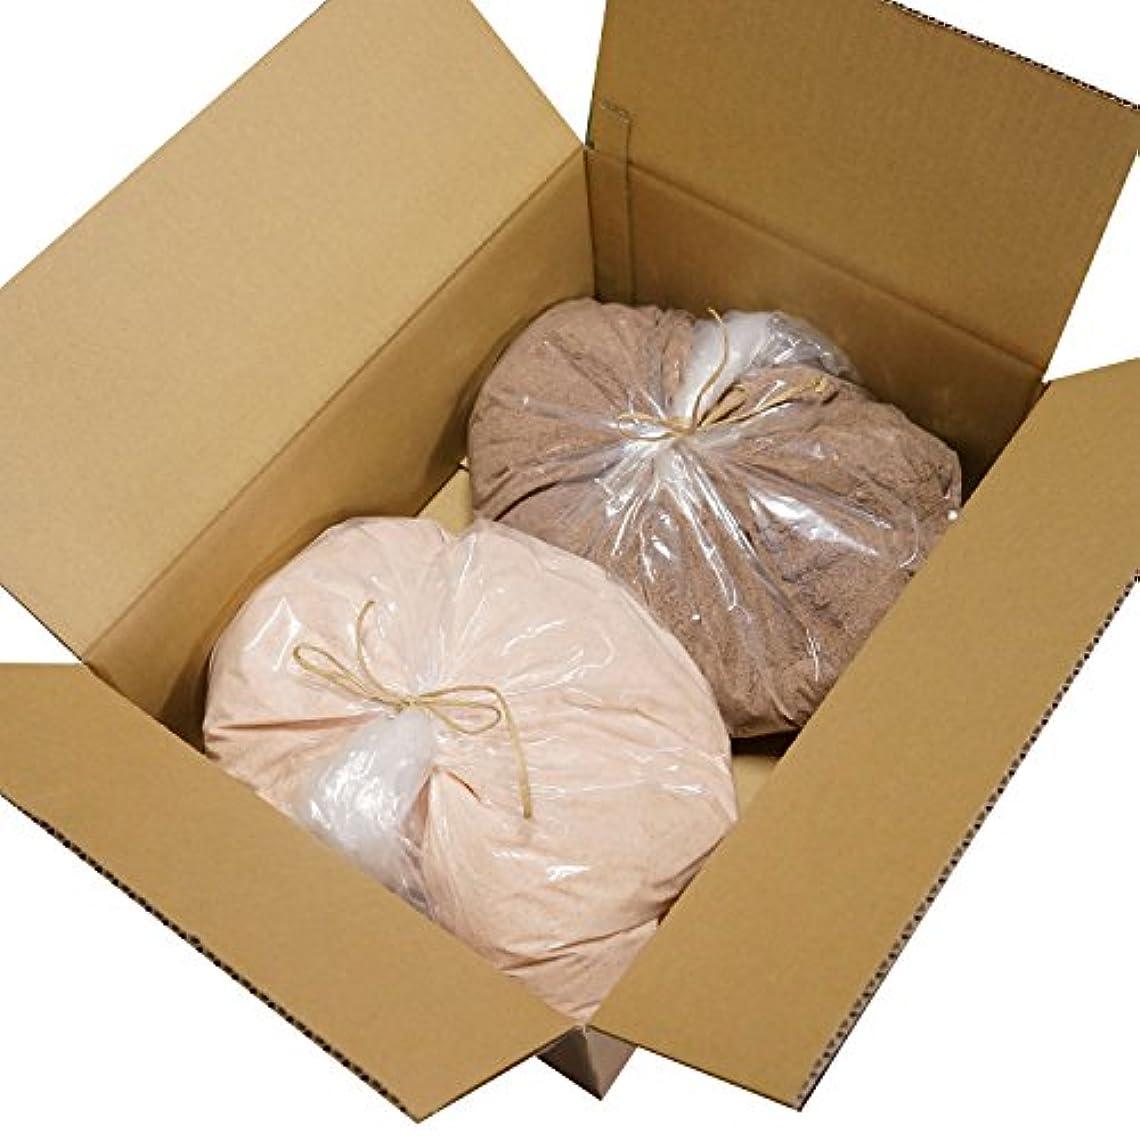 サスペンション溶融アコードヒマラヤ 岩塩 ピンク ブラック パウダー 細粒タイプ 業務用 原料 (各5kg)